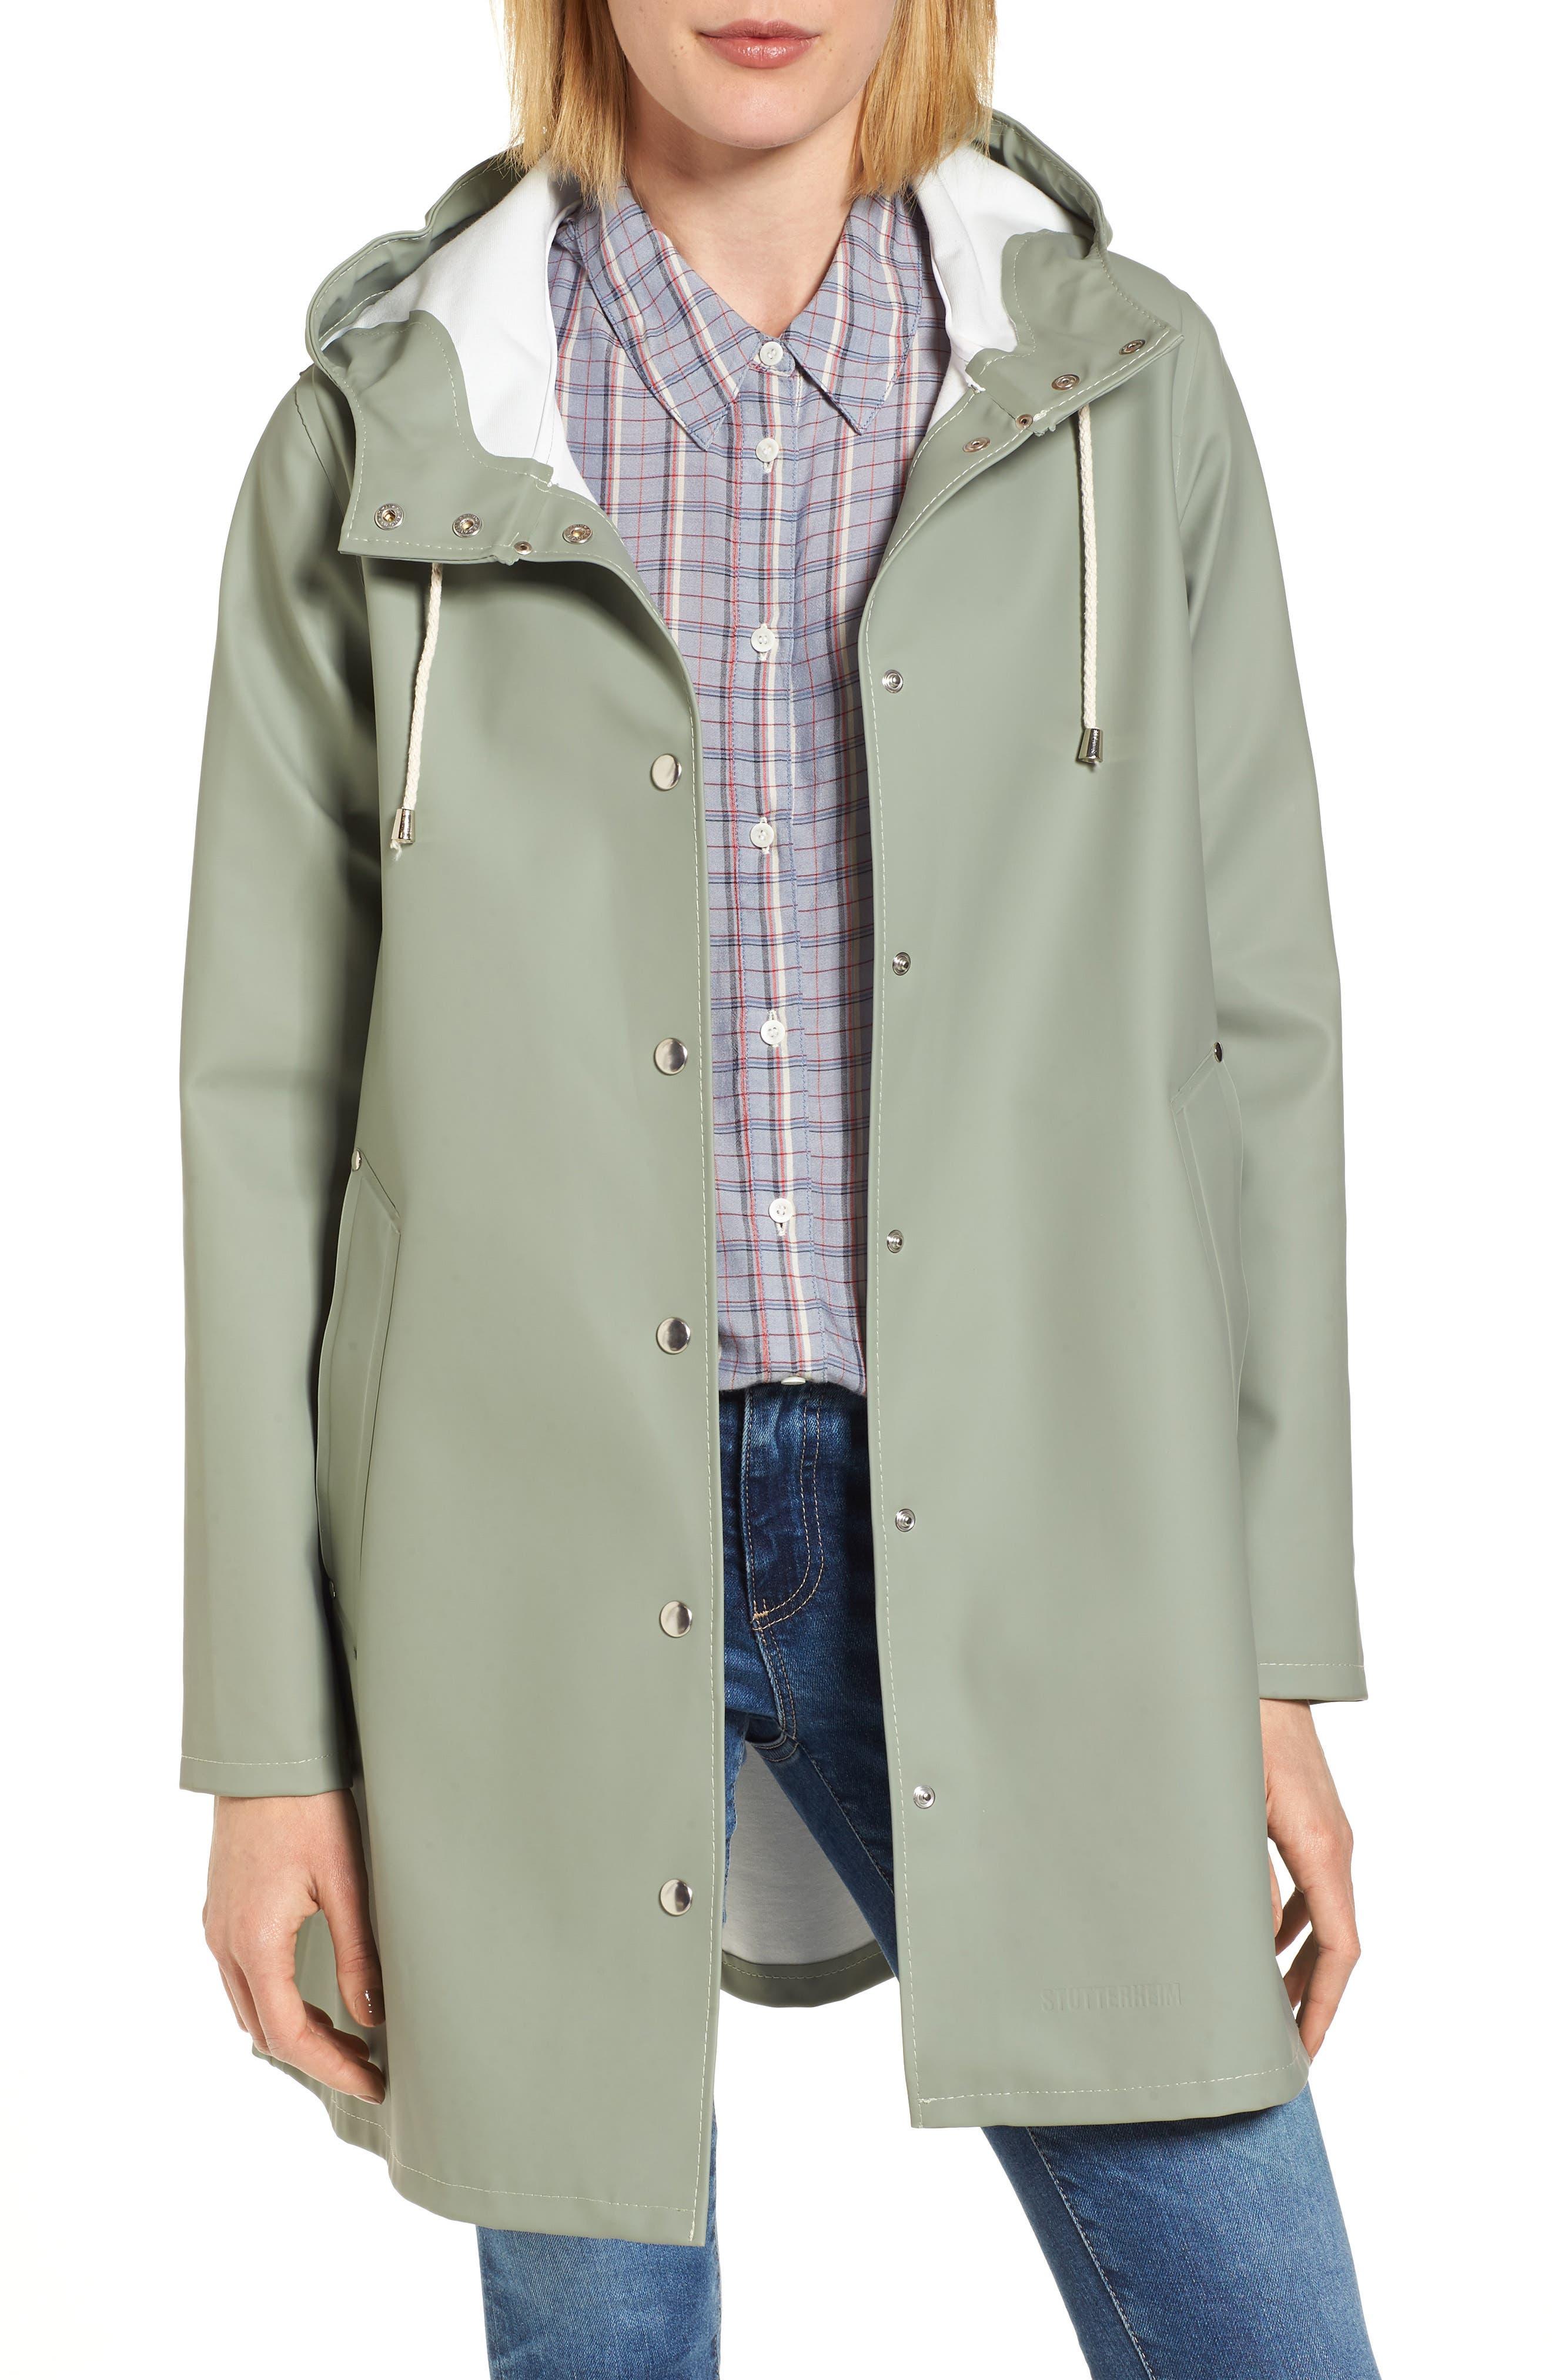 Mosebacke Waterproof A-Line Hooded Raincoat,                             Main thumbnail 1, color,                             Khaki Green